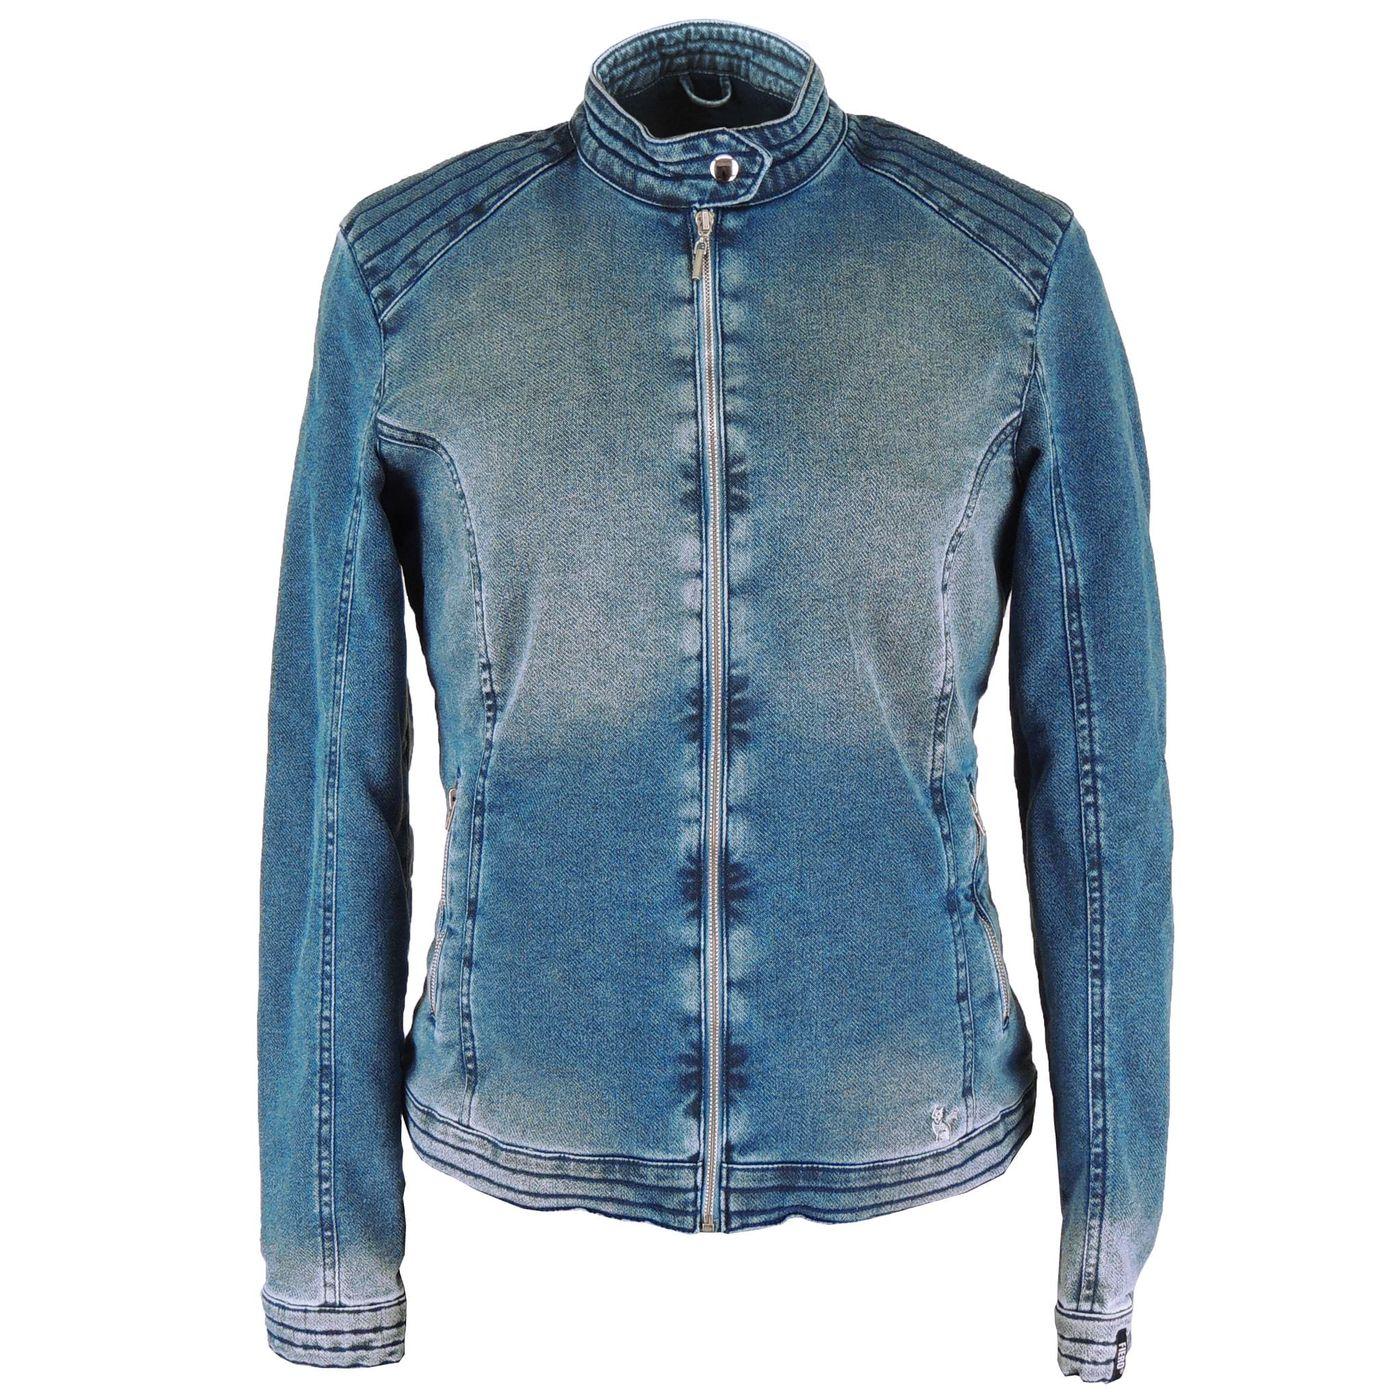 Jaqueta Térmica Feminina Jeans Queens para o frio e inverno - fieroshop c254e60b917a6